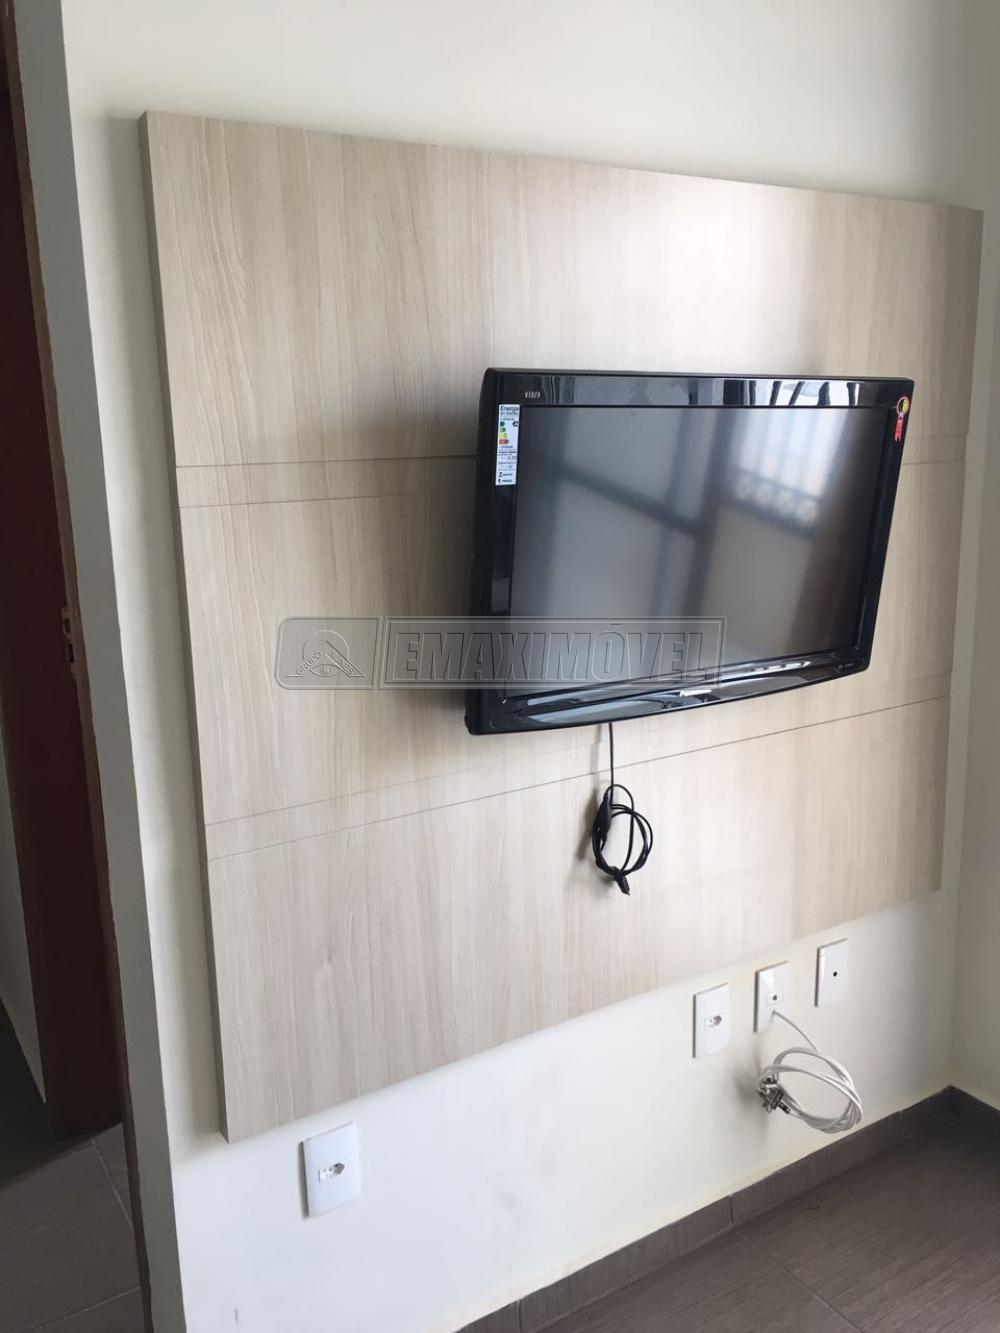 Comprar Apartamentos / Apto Padrão em Sorocaba apenas R$ 250.000,00 - Foto 4